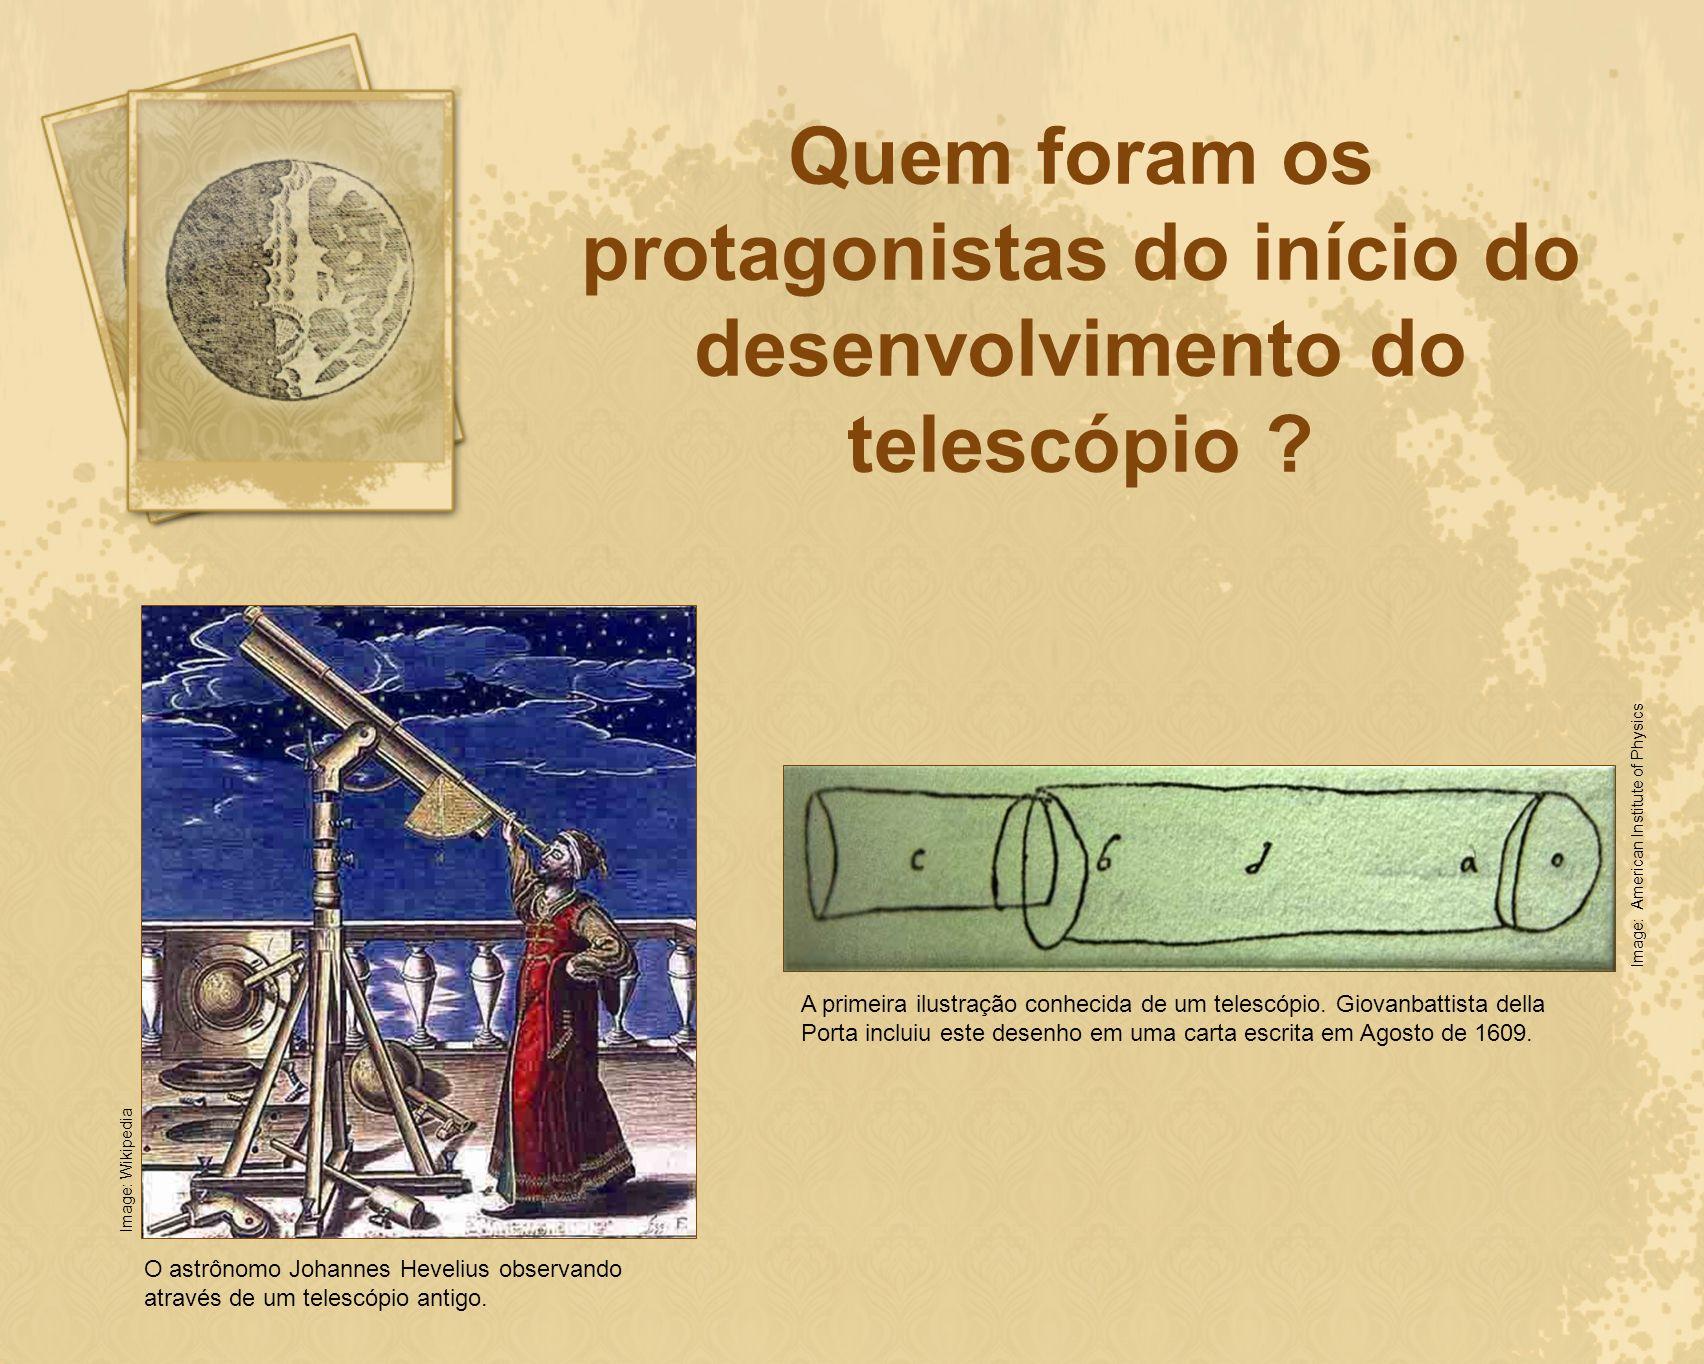 Quem foram os protagonistas do início do desenvolvimento do telescópio